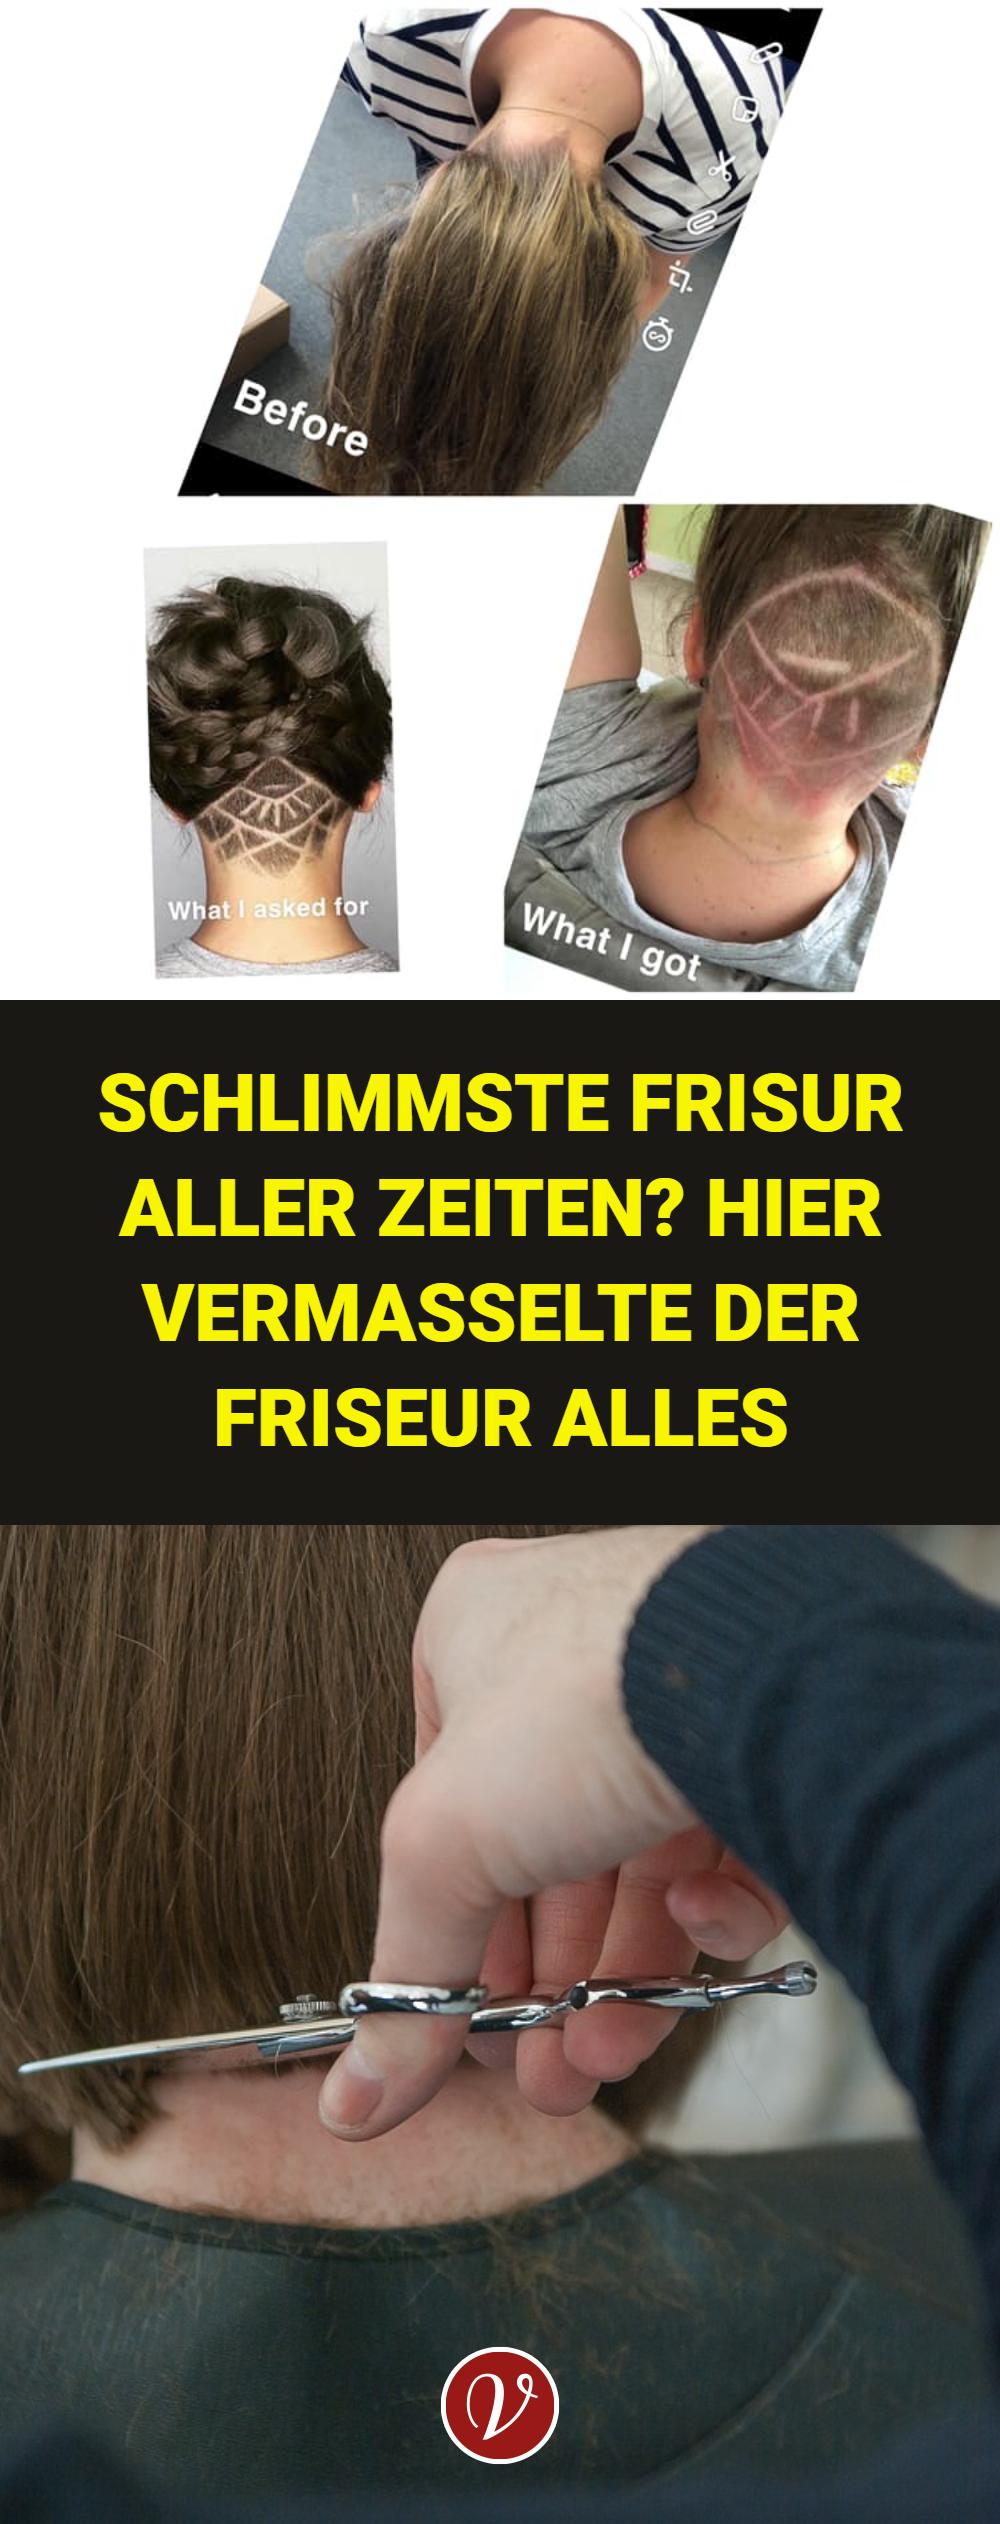 Schlimmste Frisur Aller Zeiten Hier Vermasselte Der Friseur Alles In 2020 Friseur Haare Pflegen Frisuren